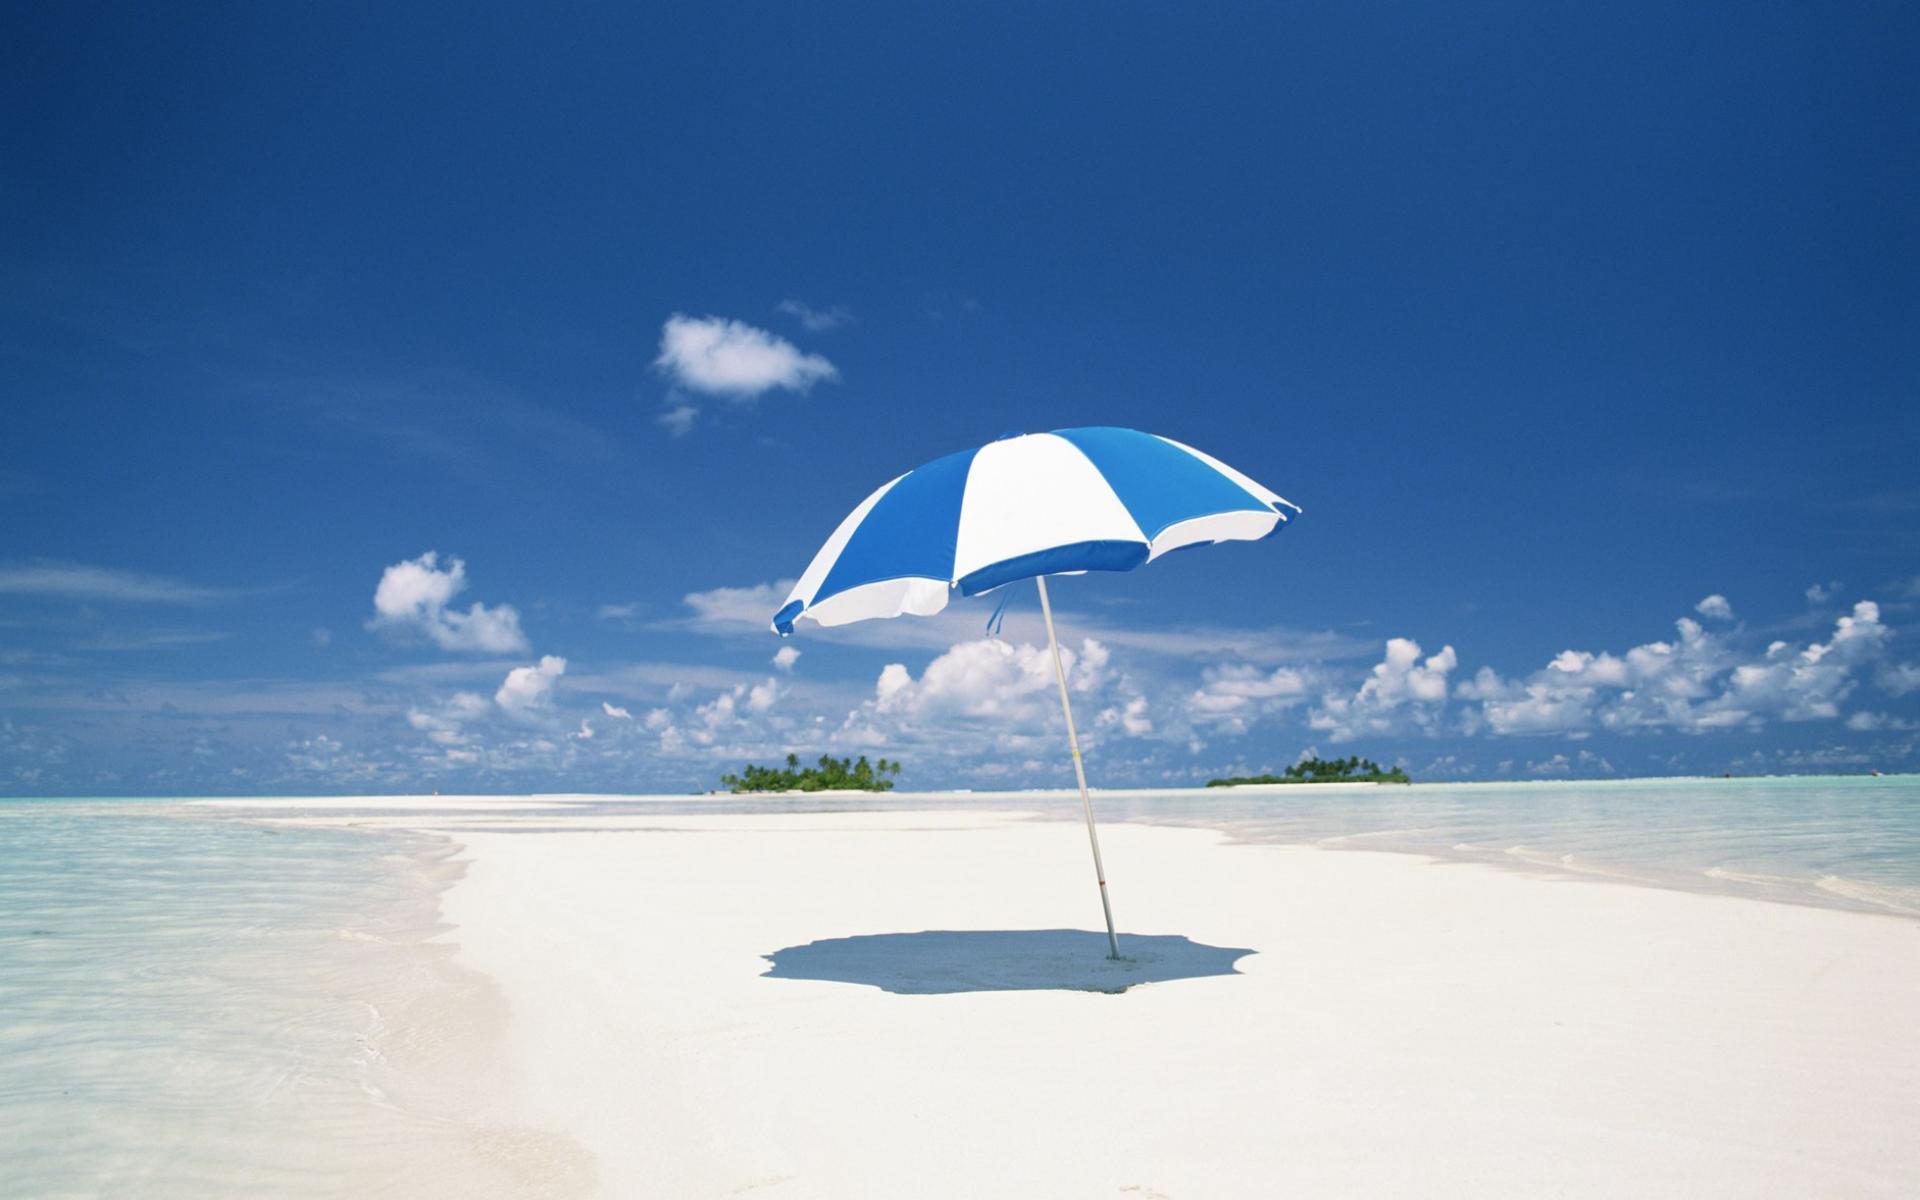 голубой флаг на пляже что это значит